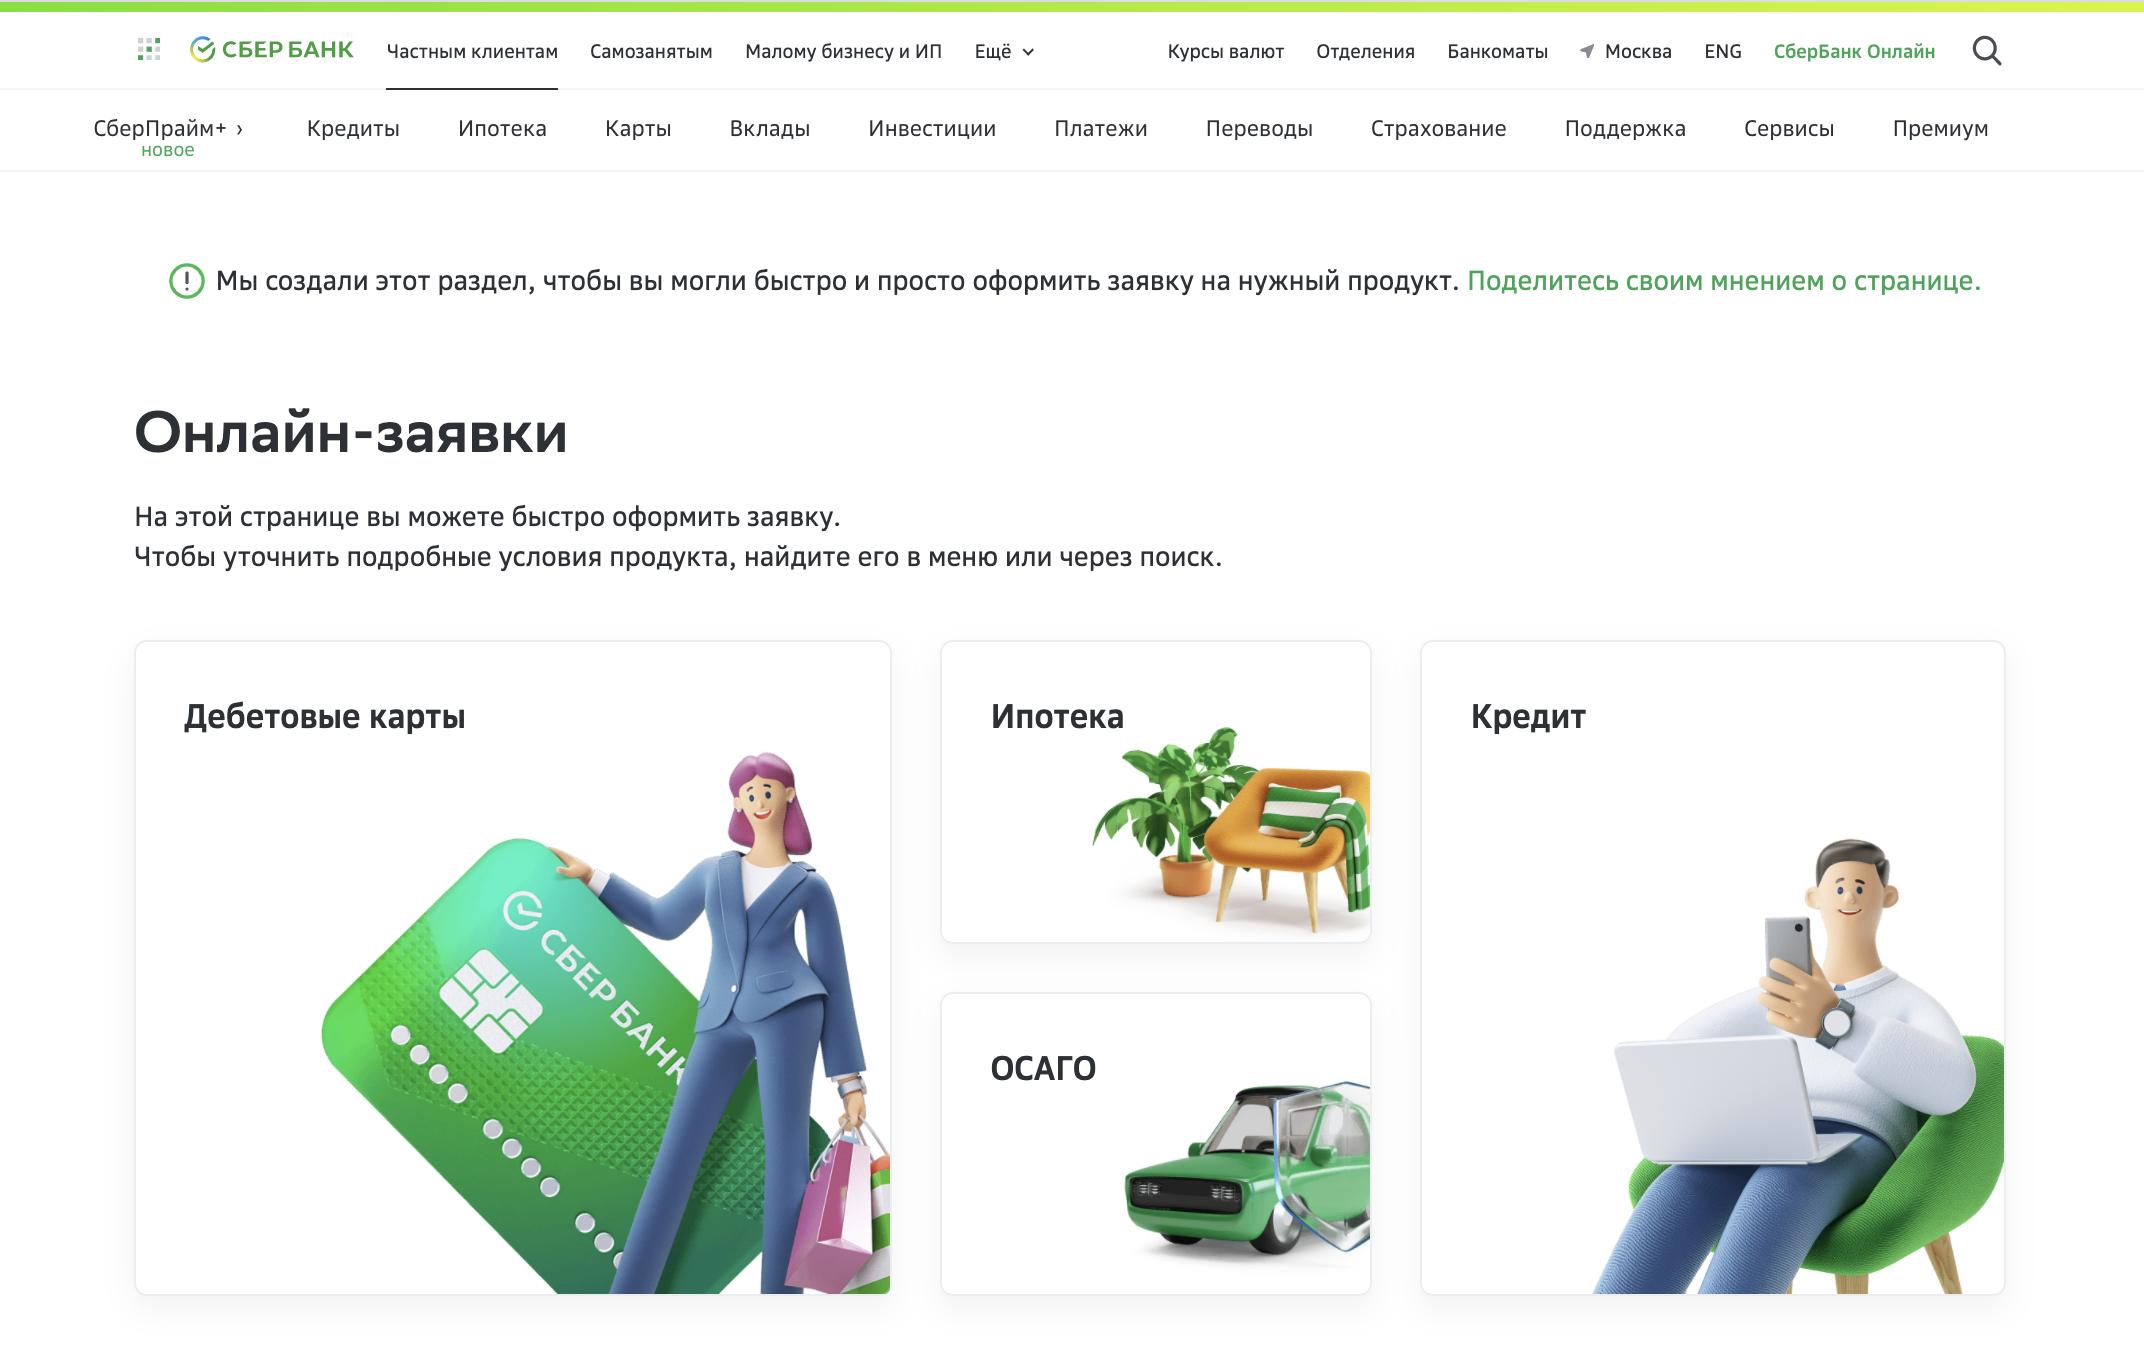 как бесплатно заказать карту сбербанка через интернет